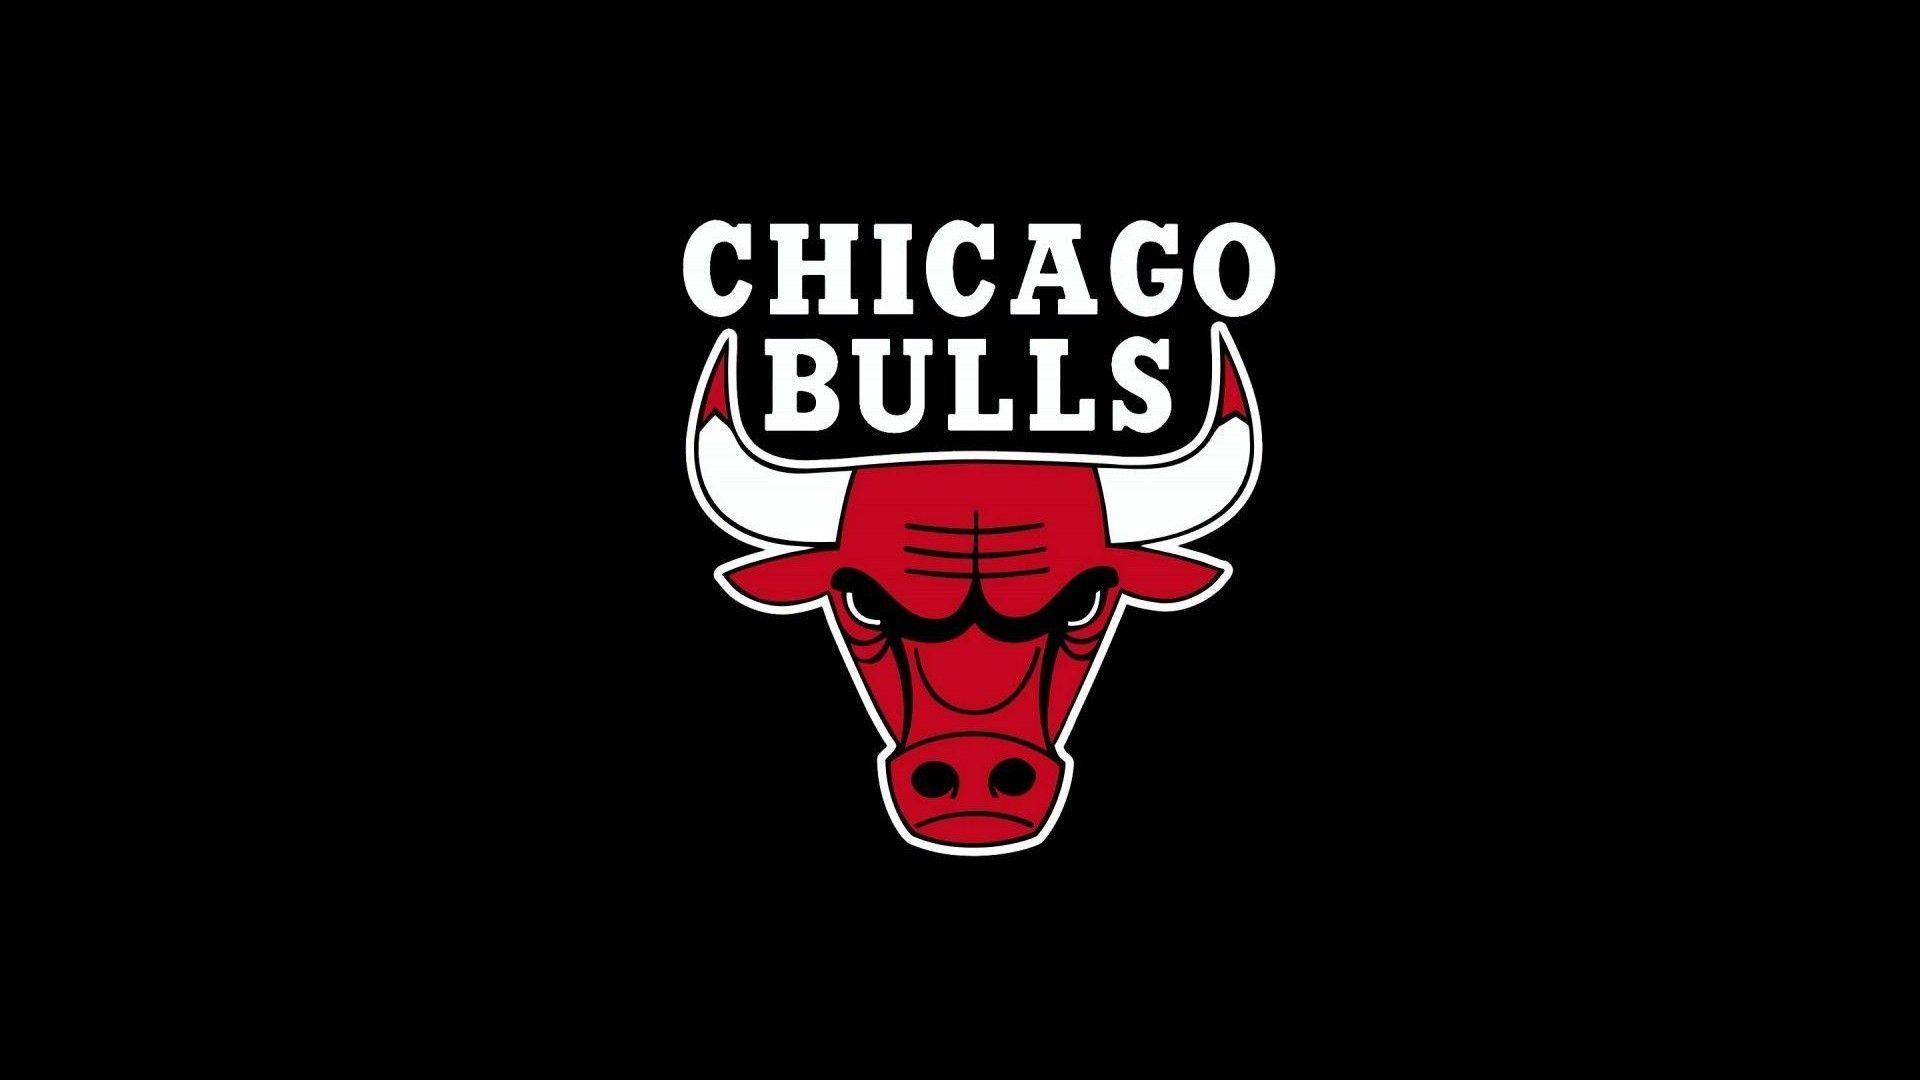 Hd Desktop Wallpaper Chicago Bulls 2021 Basketball Wallpaper Chicago Bulls Logo Chicago Bulls Chicago Bulls Wallpaper